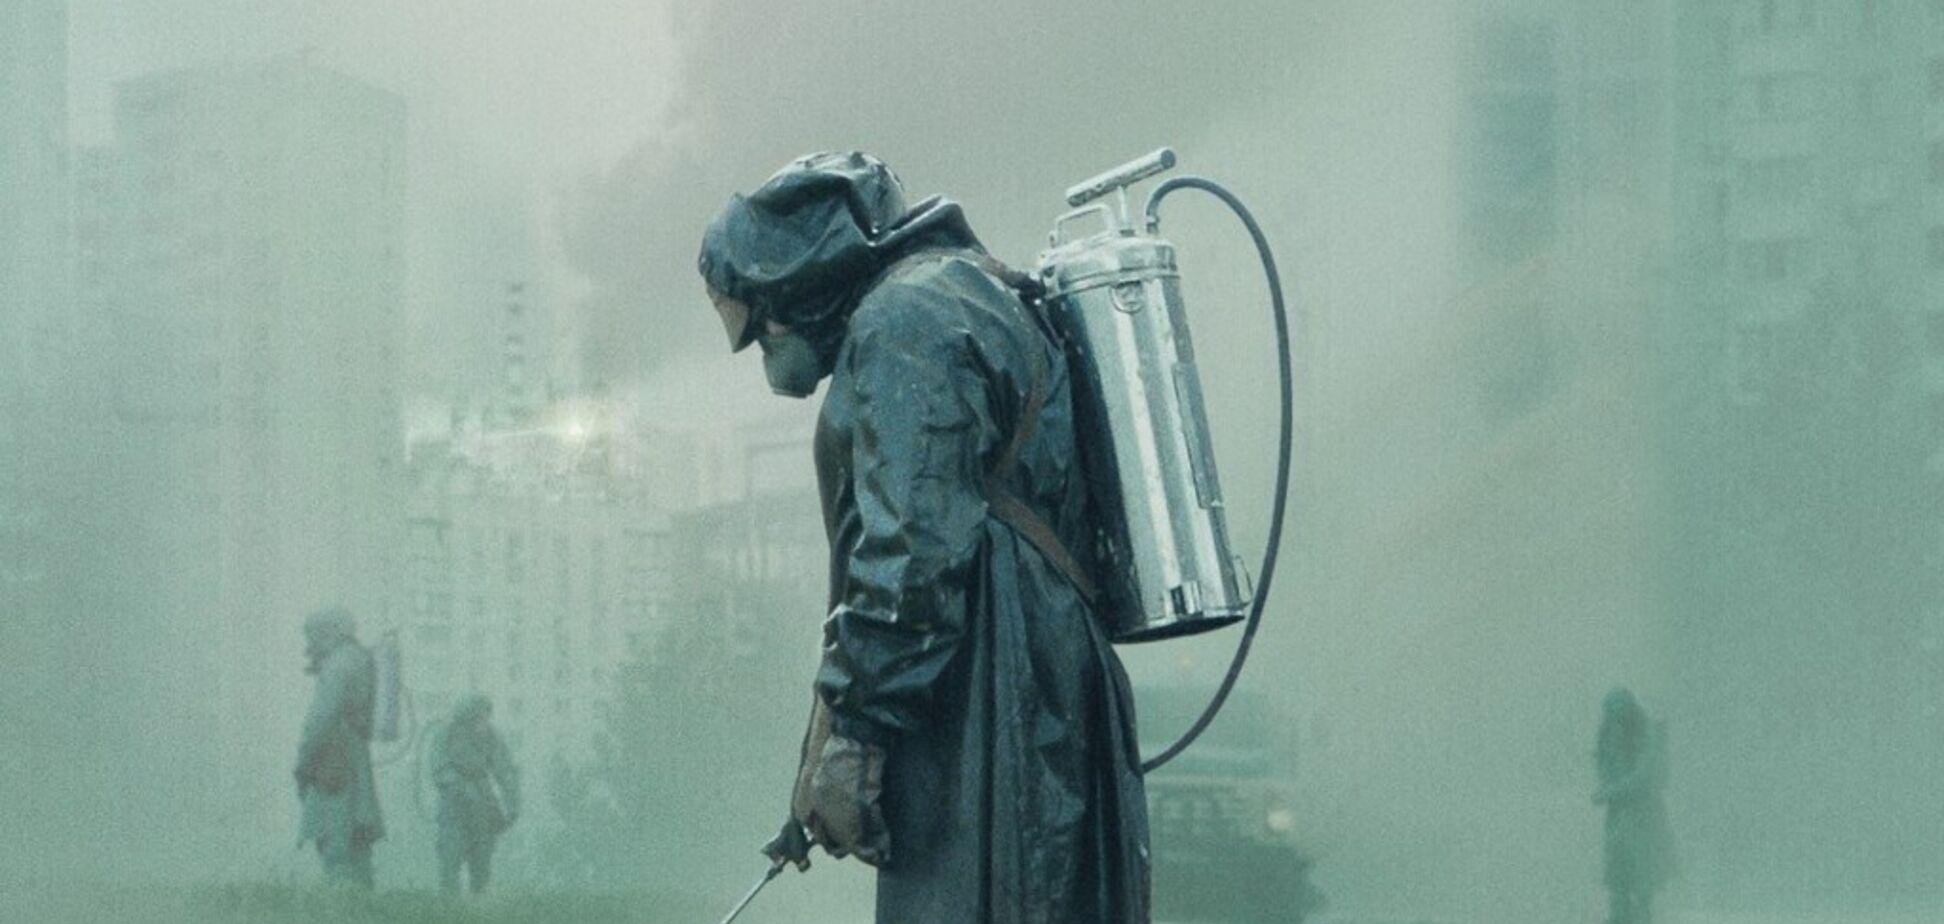 Появился трейлер пятой серии 'Чернобыль' от HBO